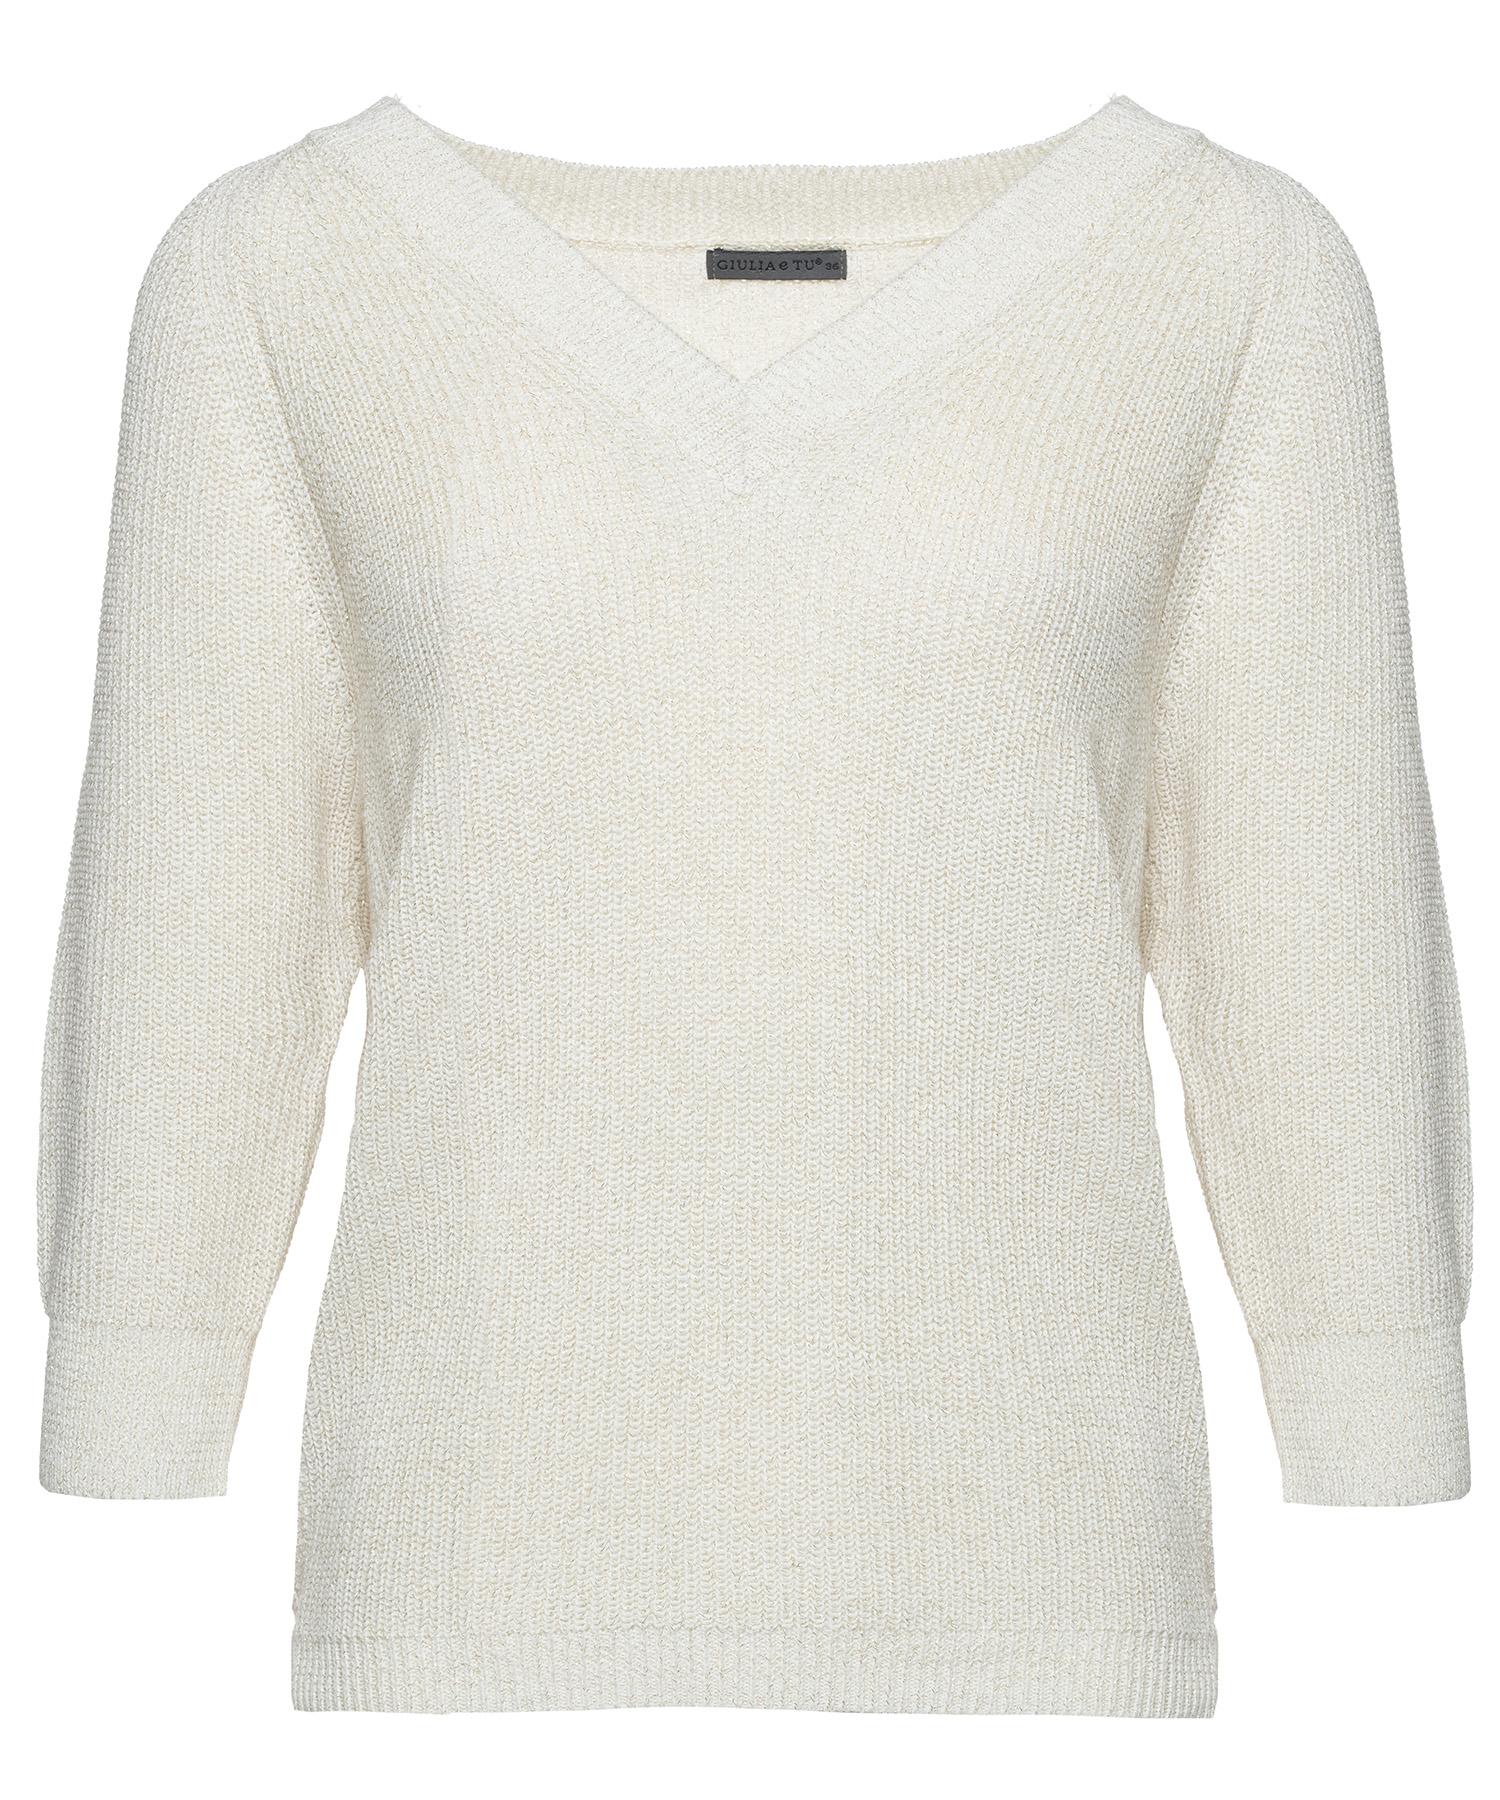 06adc6d3768959 Glittertruien online kopen | Fashionchick.nl | Groot aanbod